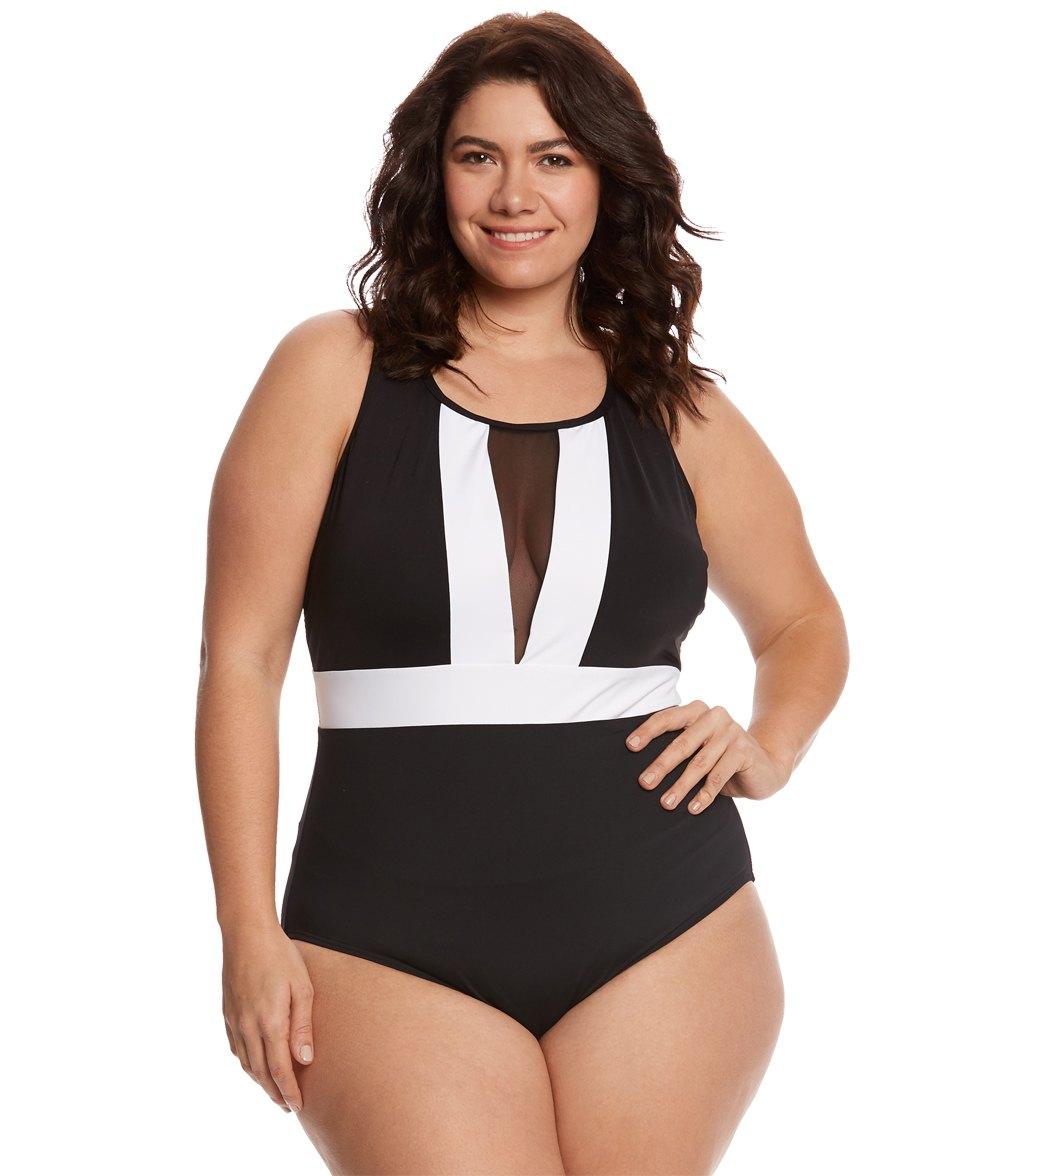 d2869cab84 La Blanca Plus Size Block My Way Plunge One Piece Swimsuit at ...